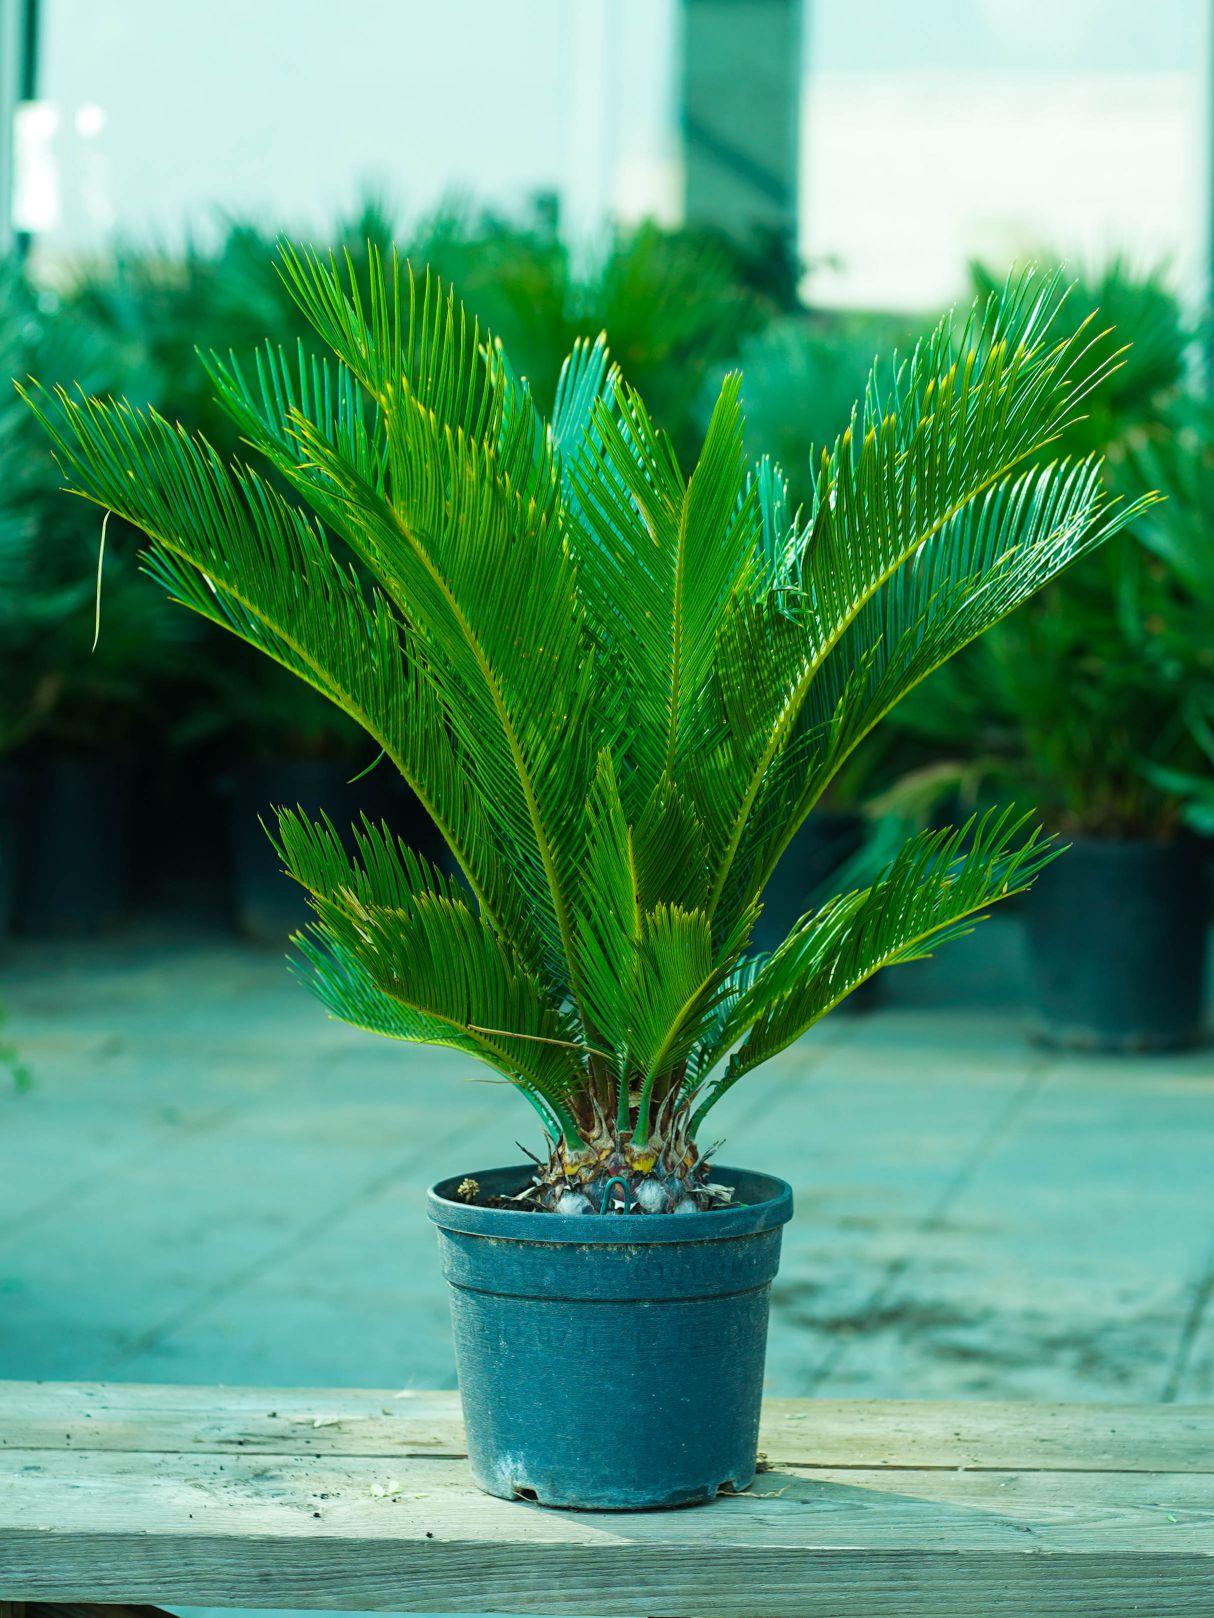 سيكاس ريفولوتا 'نباتات خارجية'